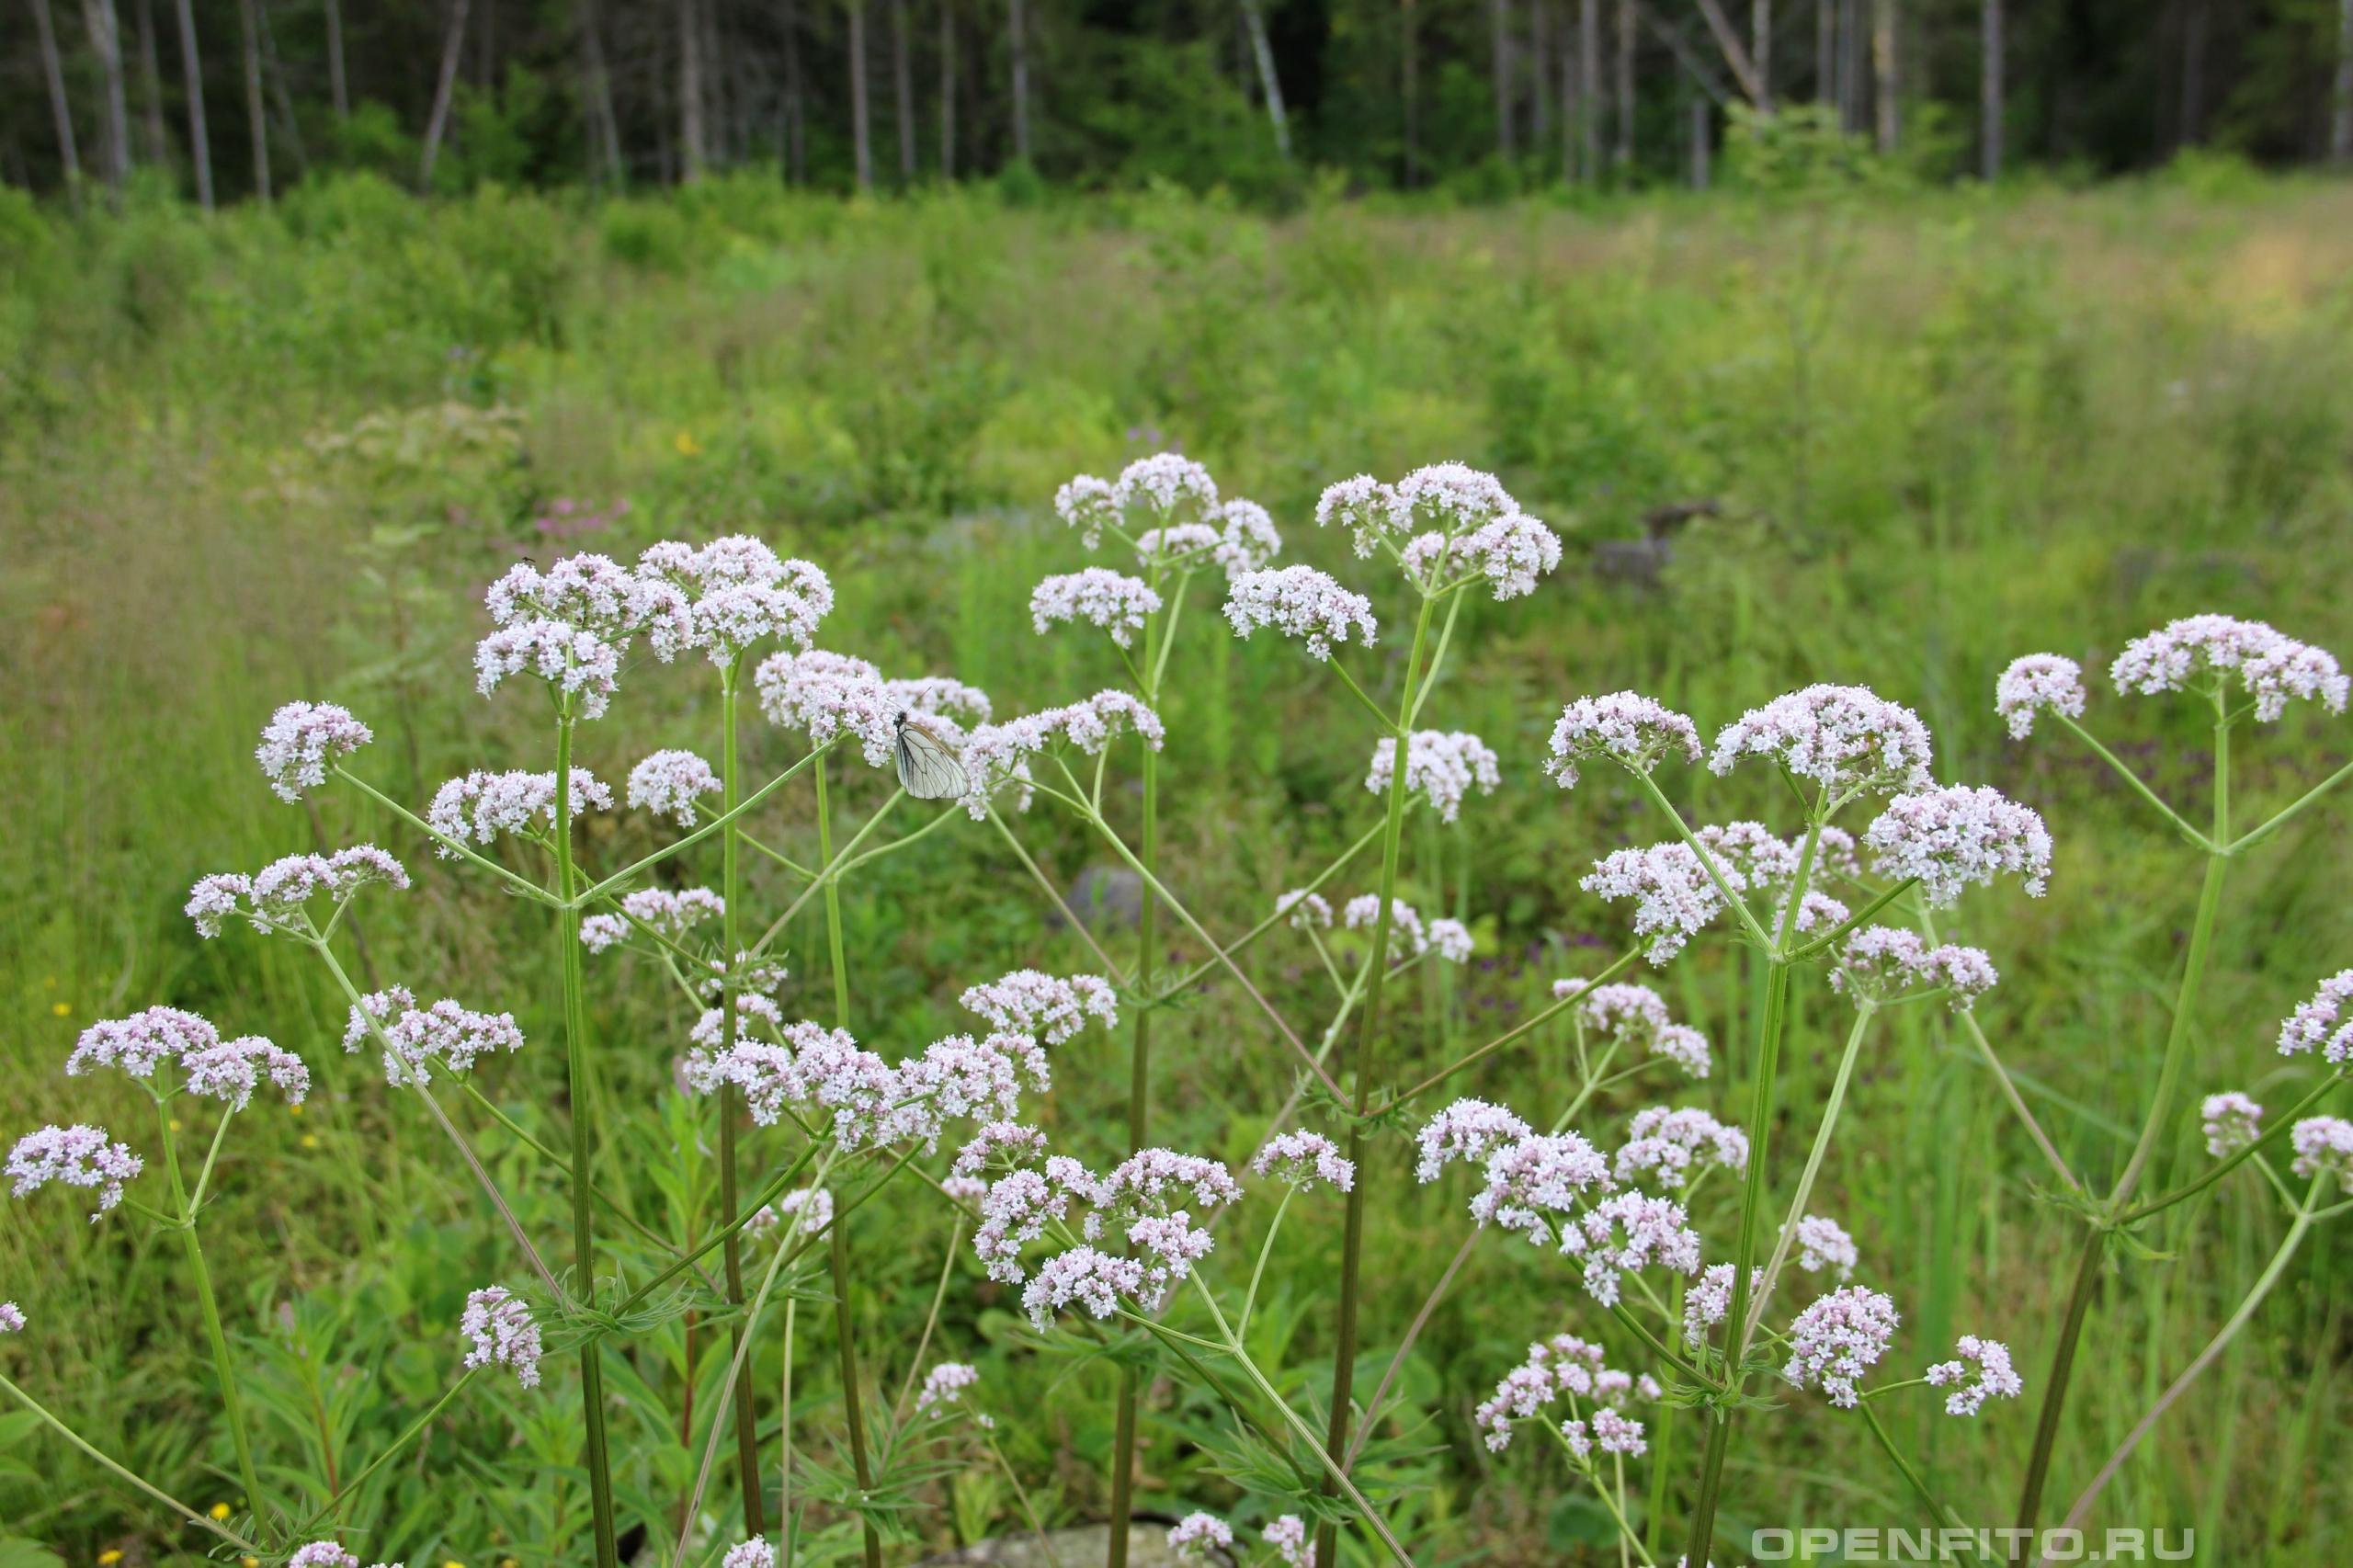 Валериана лекарственная цветки одного куста